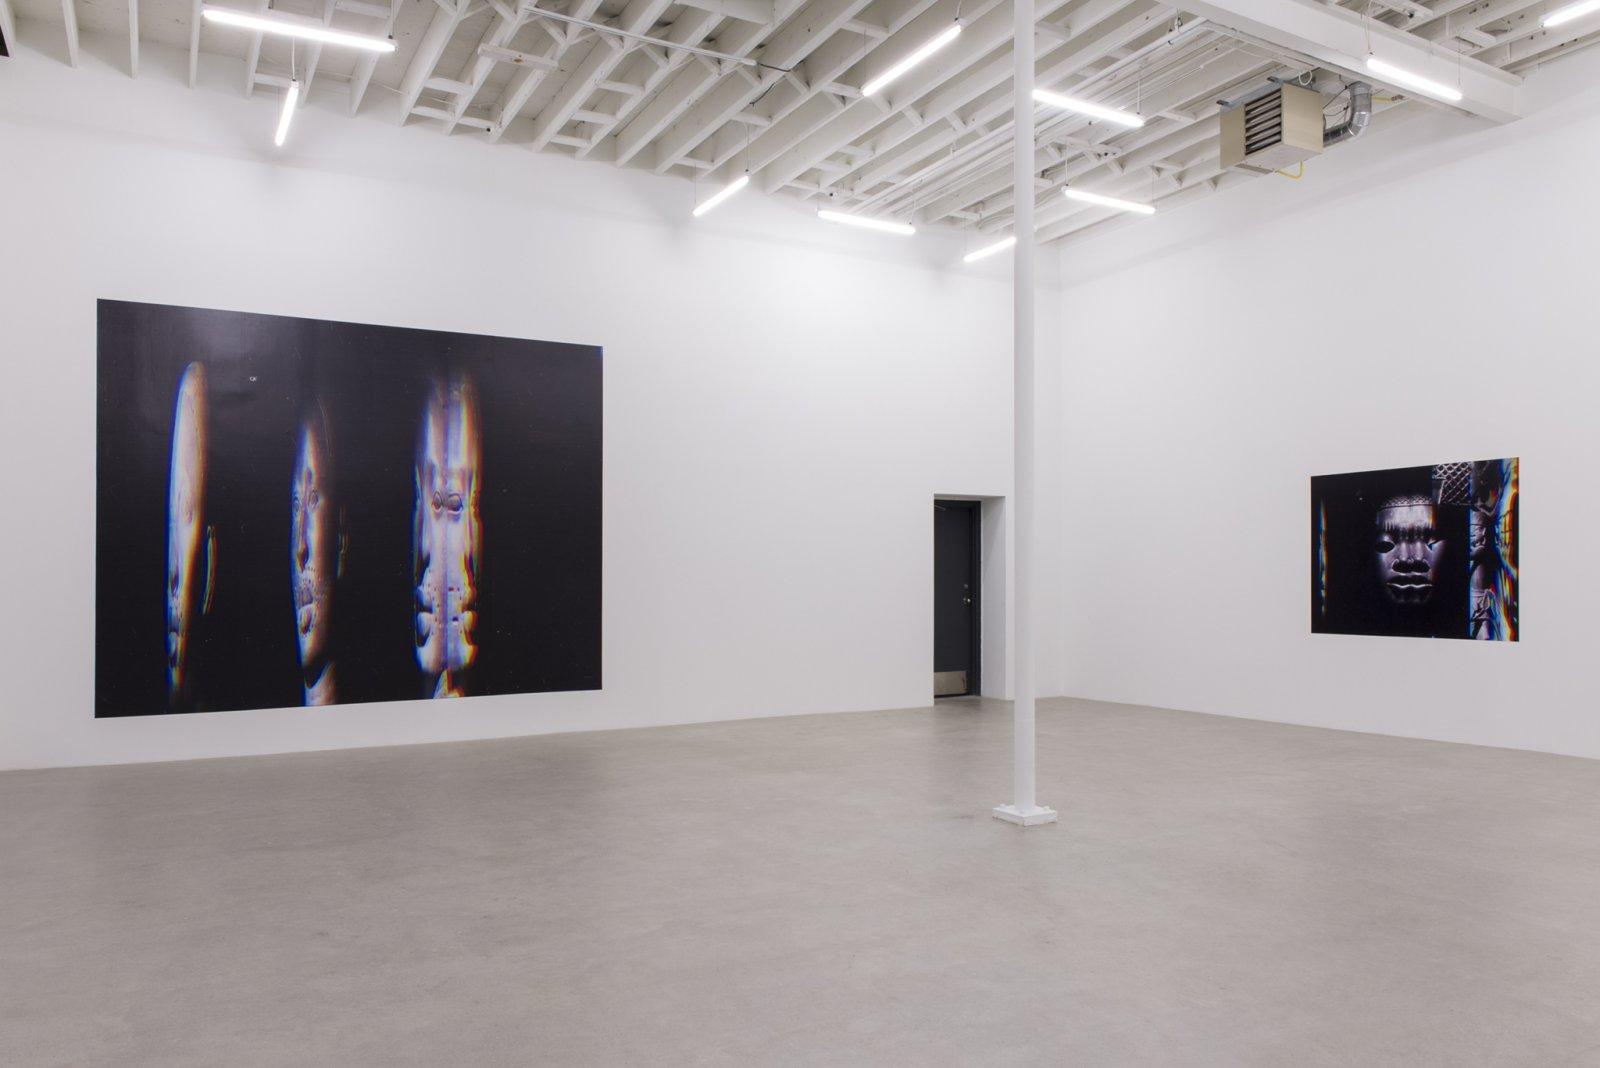 Raymond Boisjoly, installation view, Catriona Jeffries, 2016 by Raymond Boisjoly